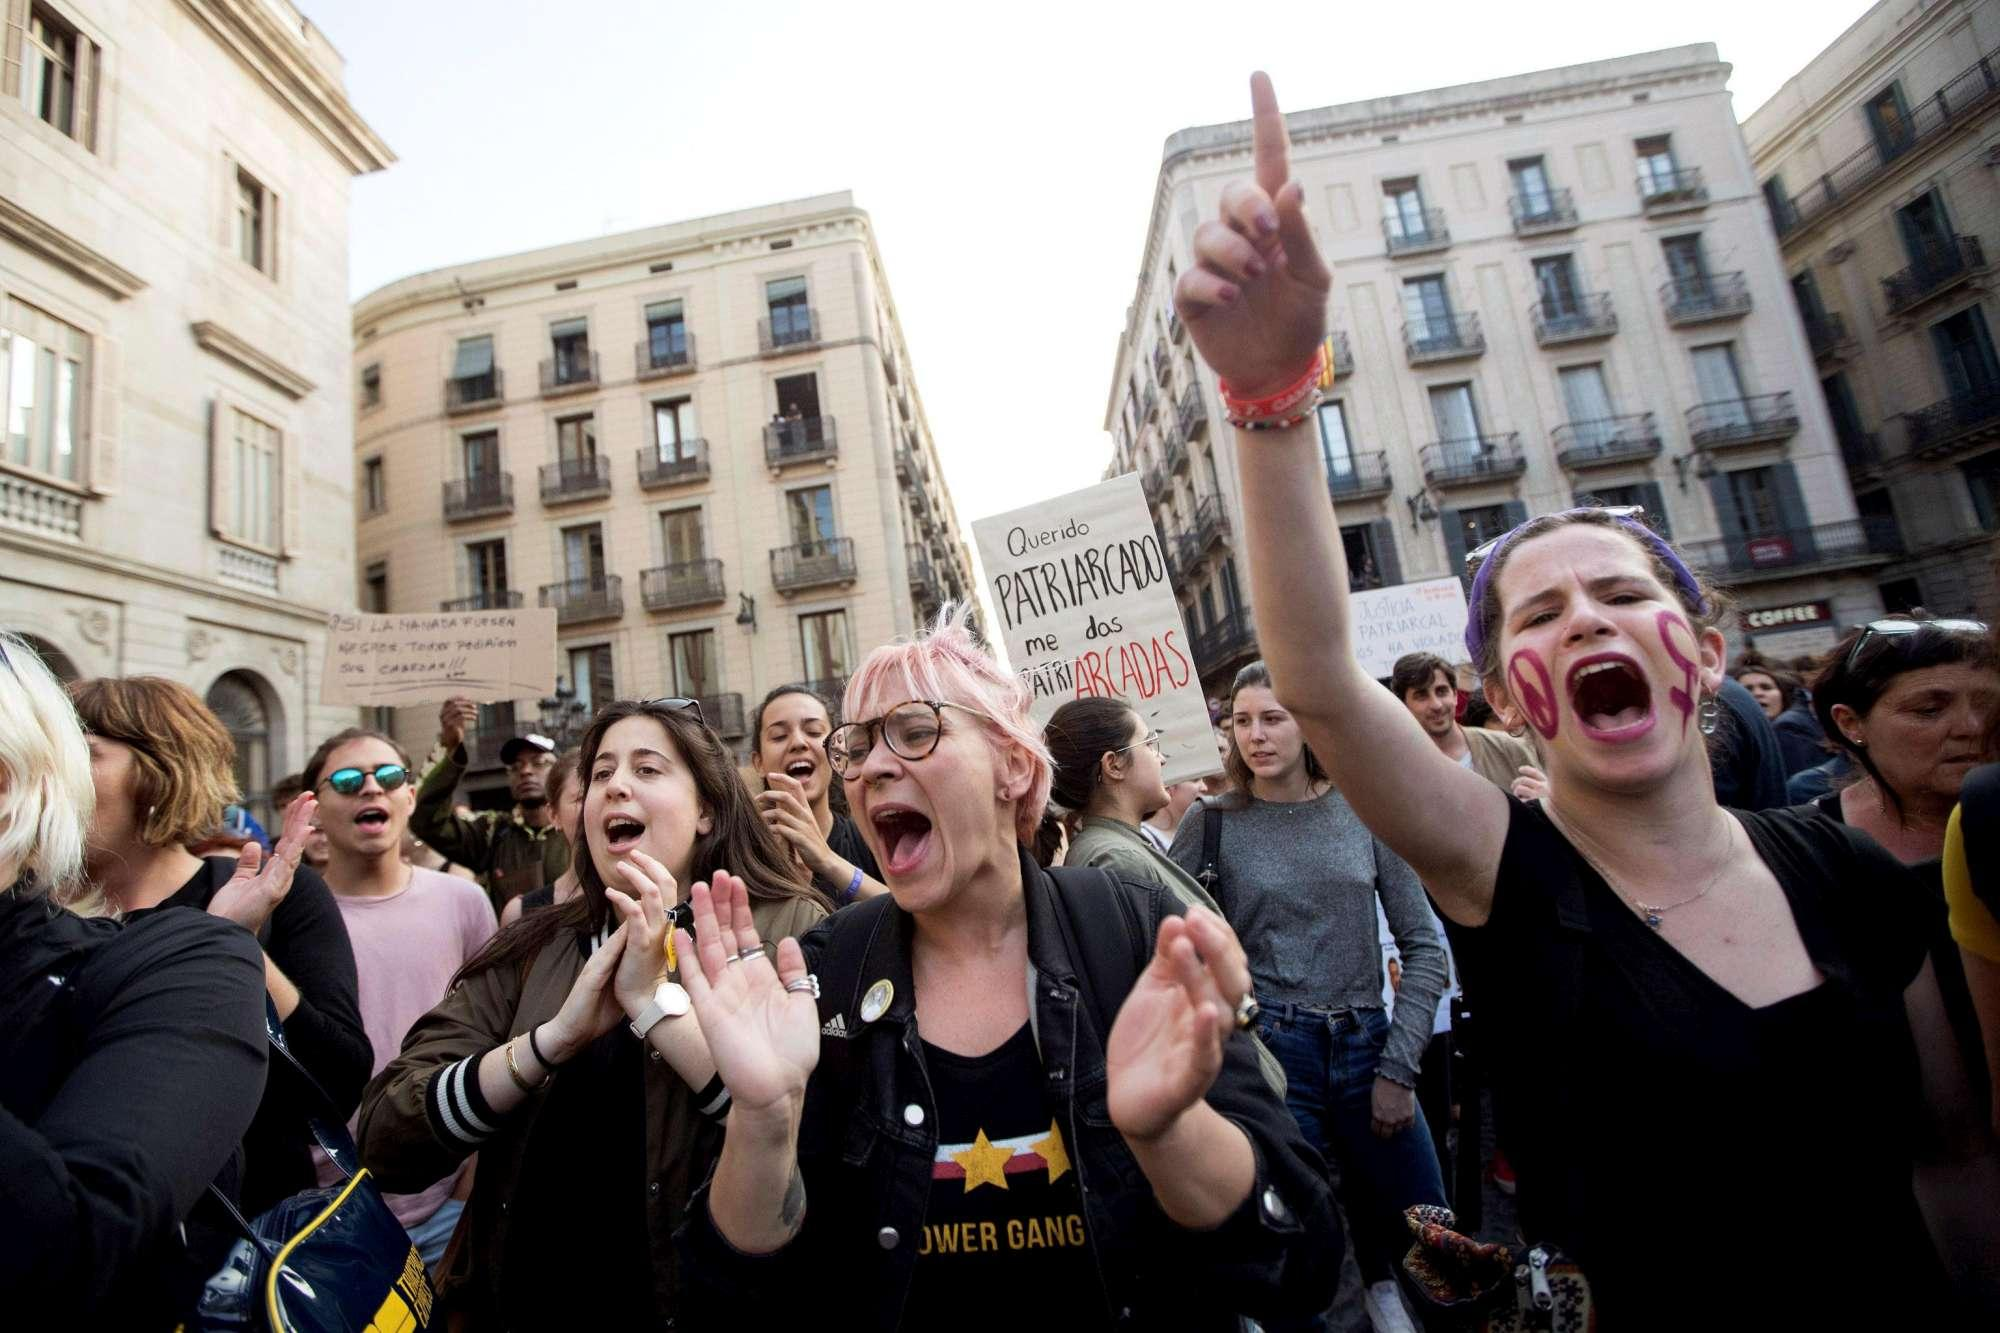 Spagna, branco stupra ragazza ma la condanna è per abusi: proteste